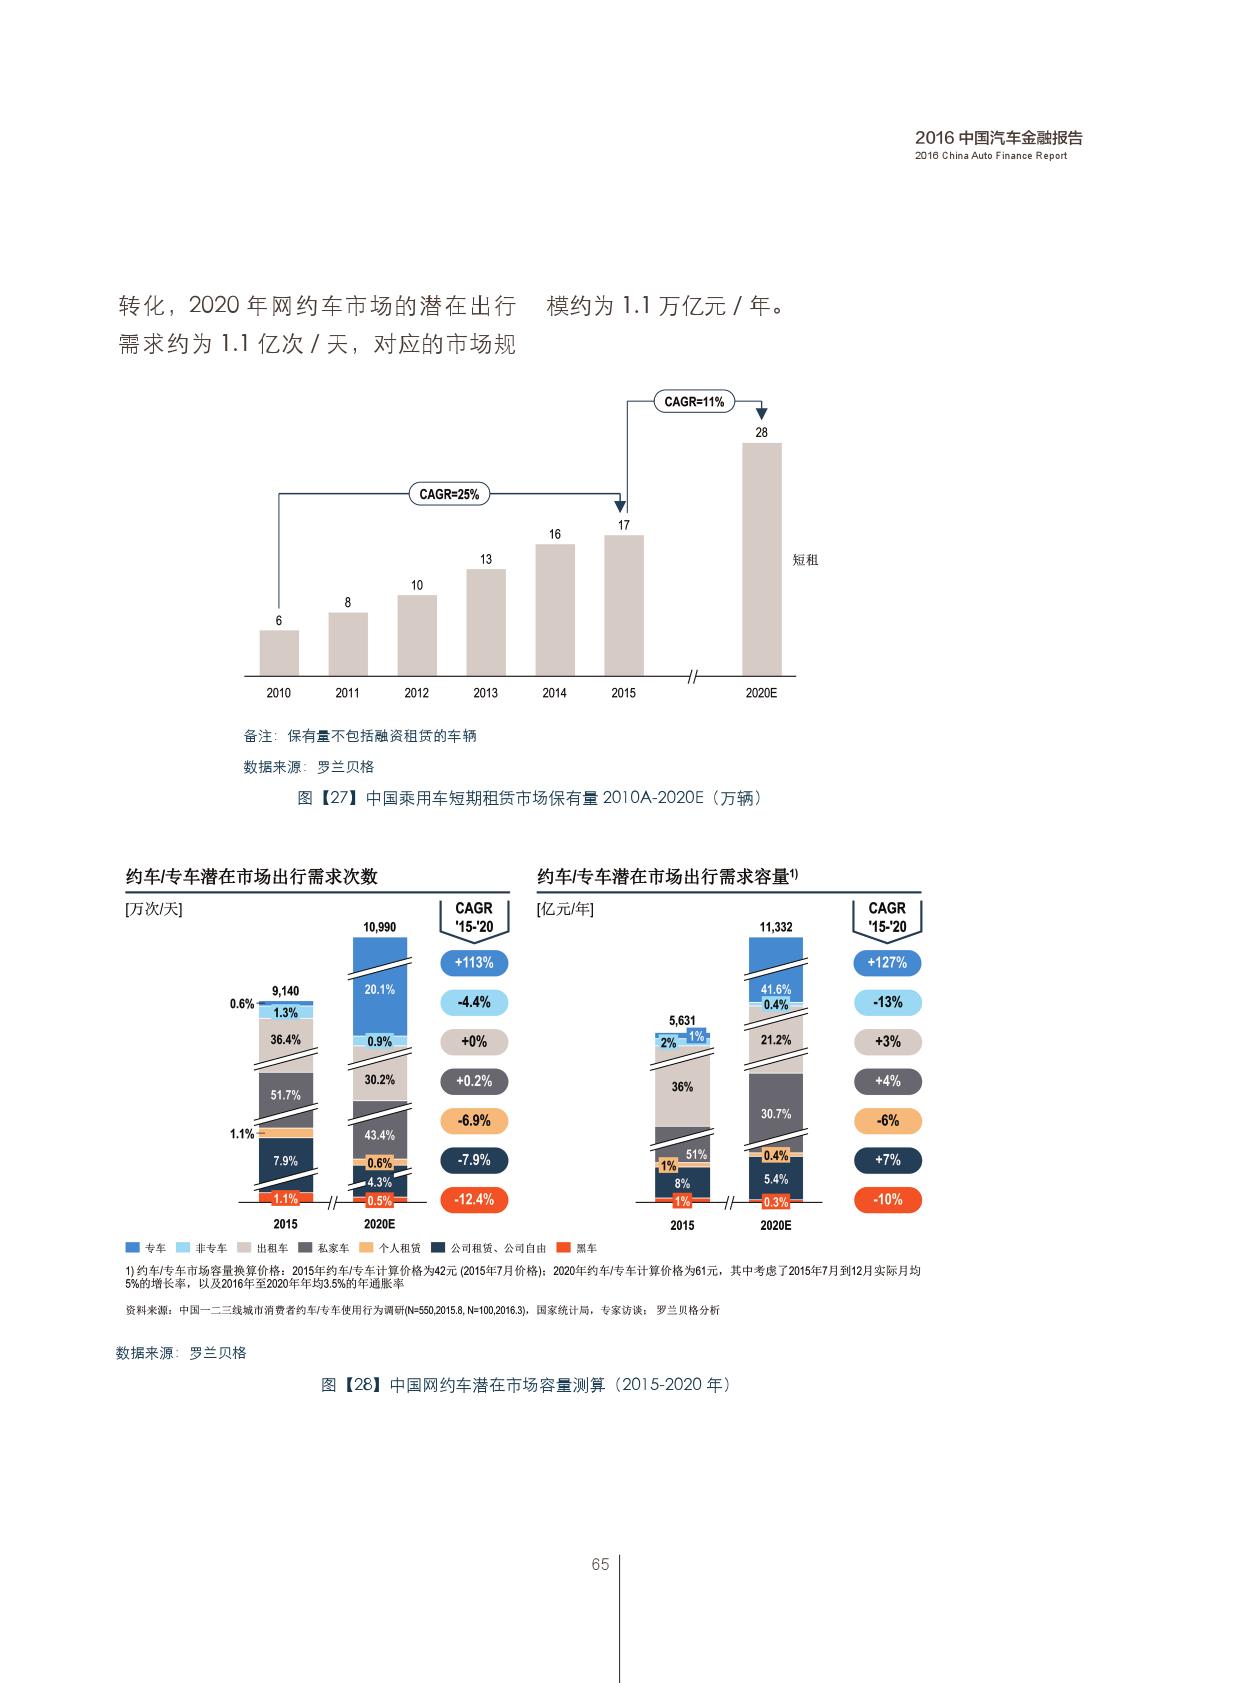 2016中国汽车金融报告_000066